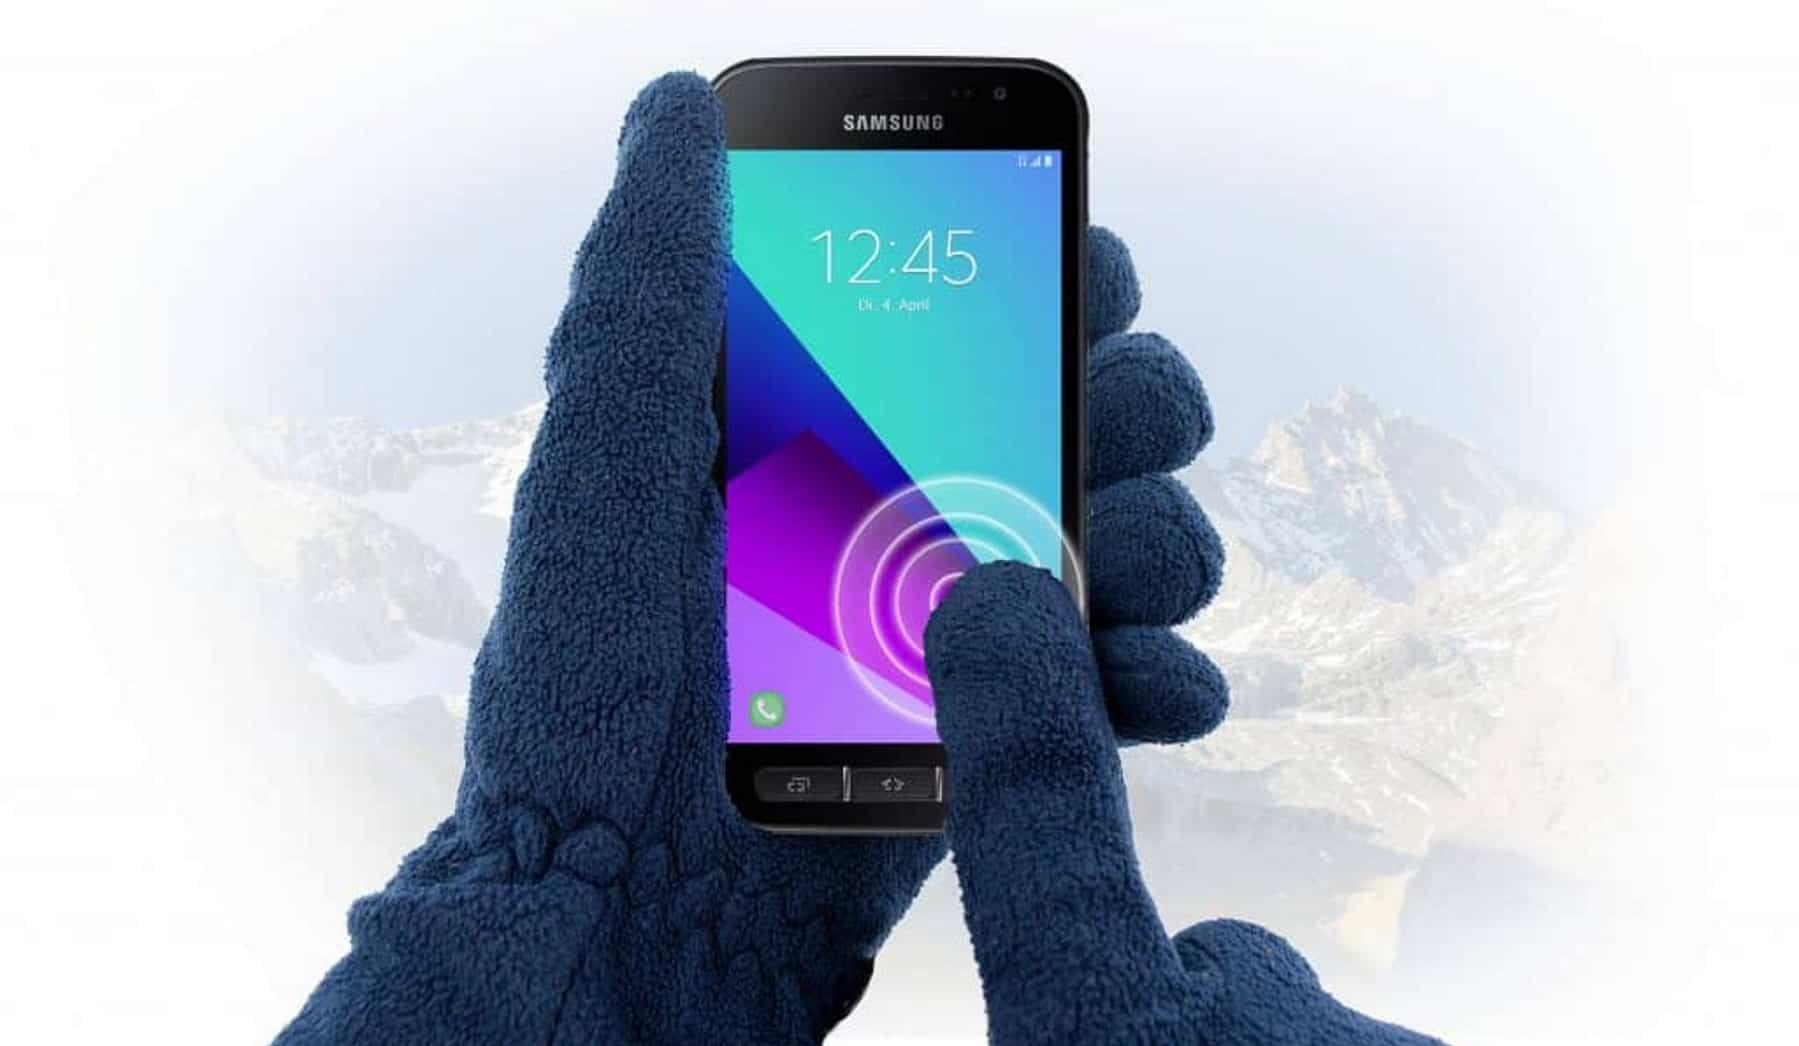 Samsung prepara il lancio di Galaxy Xcover Pro: in pratica un Galaxy A51 rugged